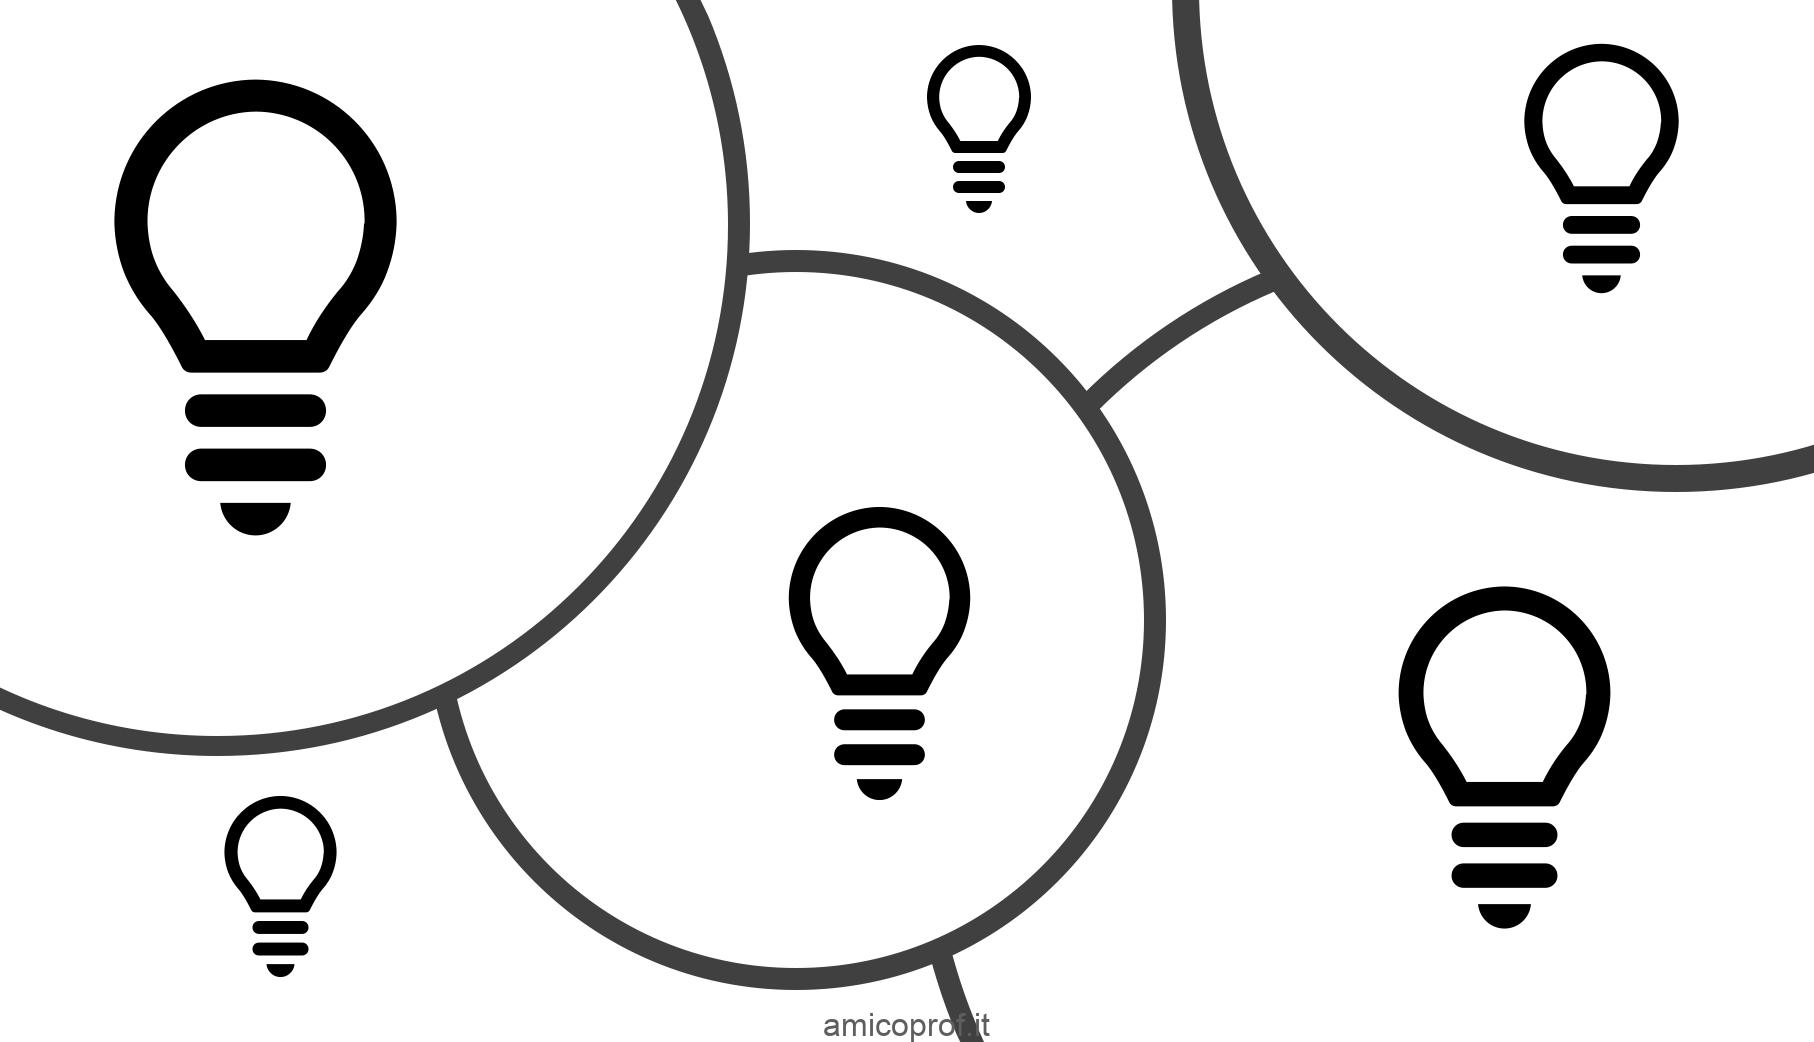 Problema matematico: quante lampadine ci sono in tutto nel condominio?